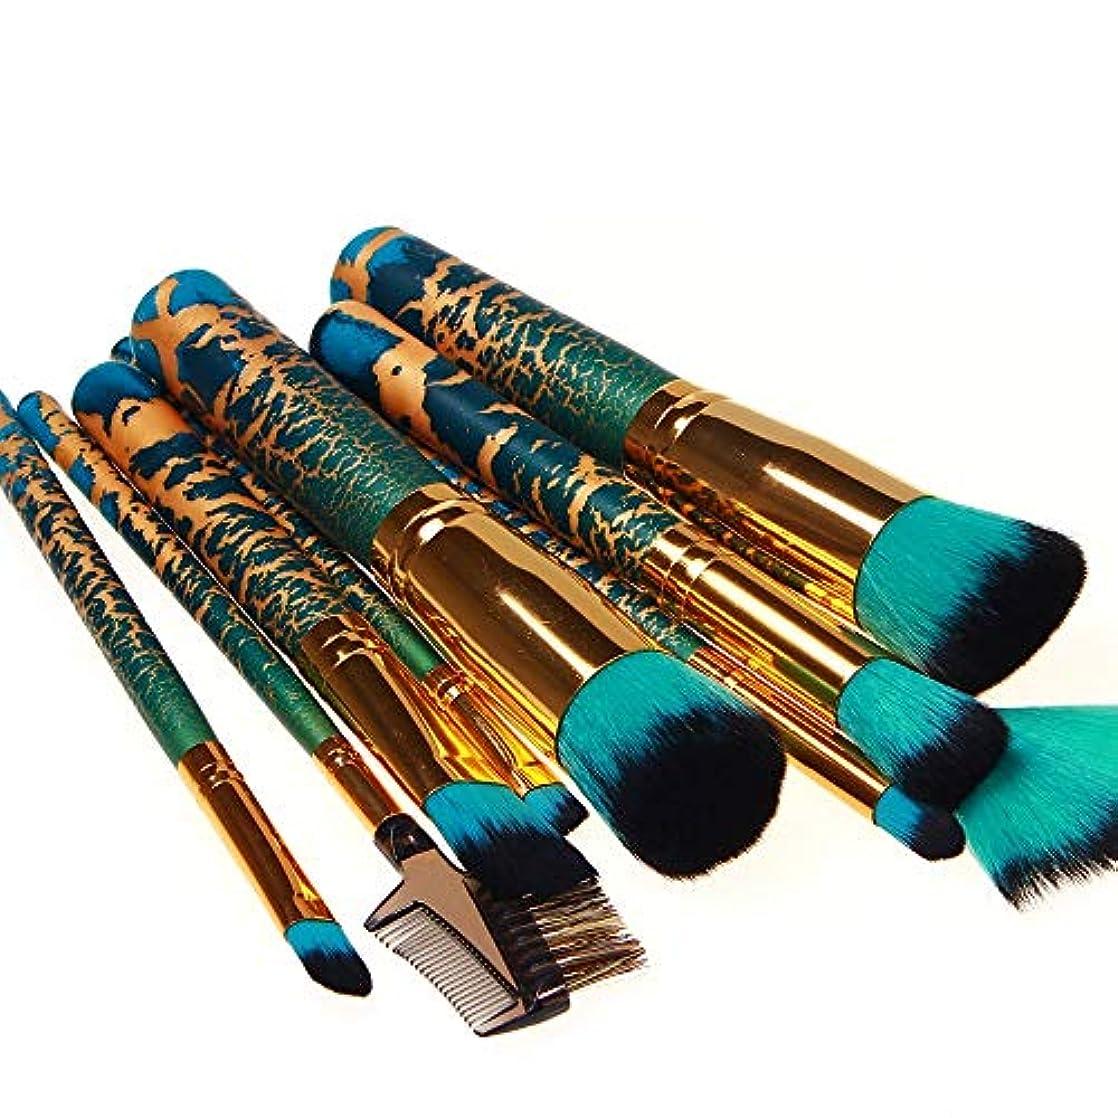 ジェスチャー卒業記念アルバムハロウィンMakeup brushes 木の化粧ブラシ10のナイロン毛のスナップ塗装プロセスが付いている化粧ブラシセット suits (Color : Green)